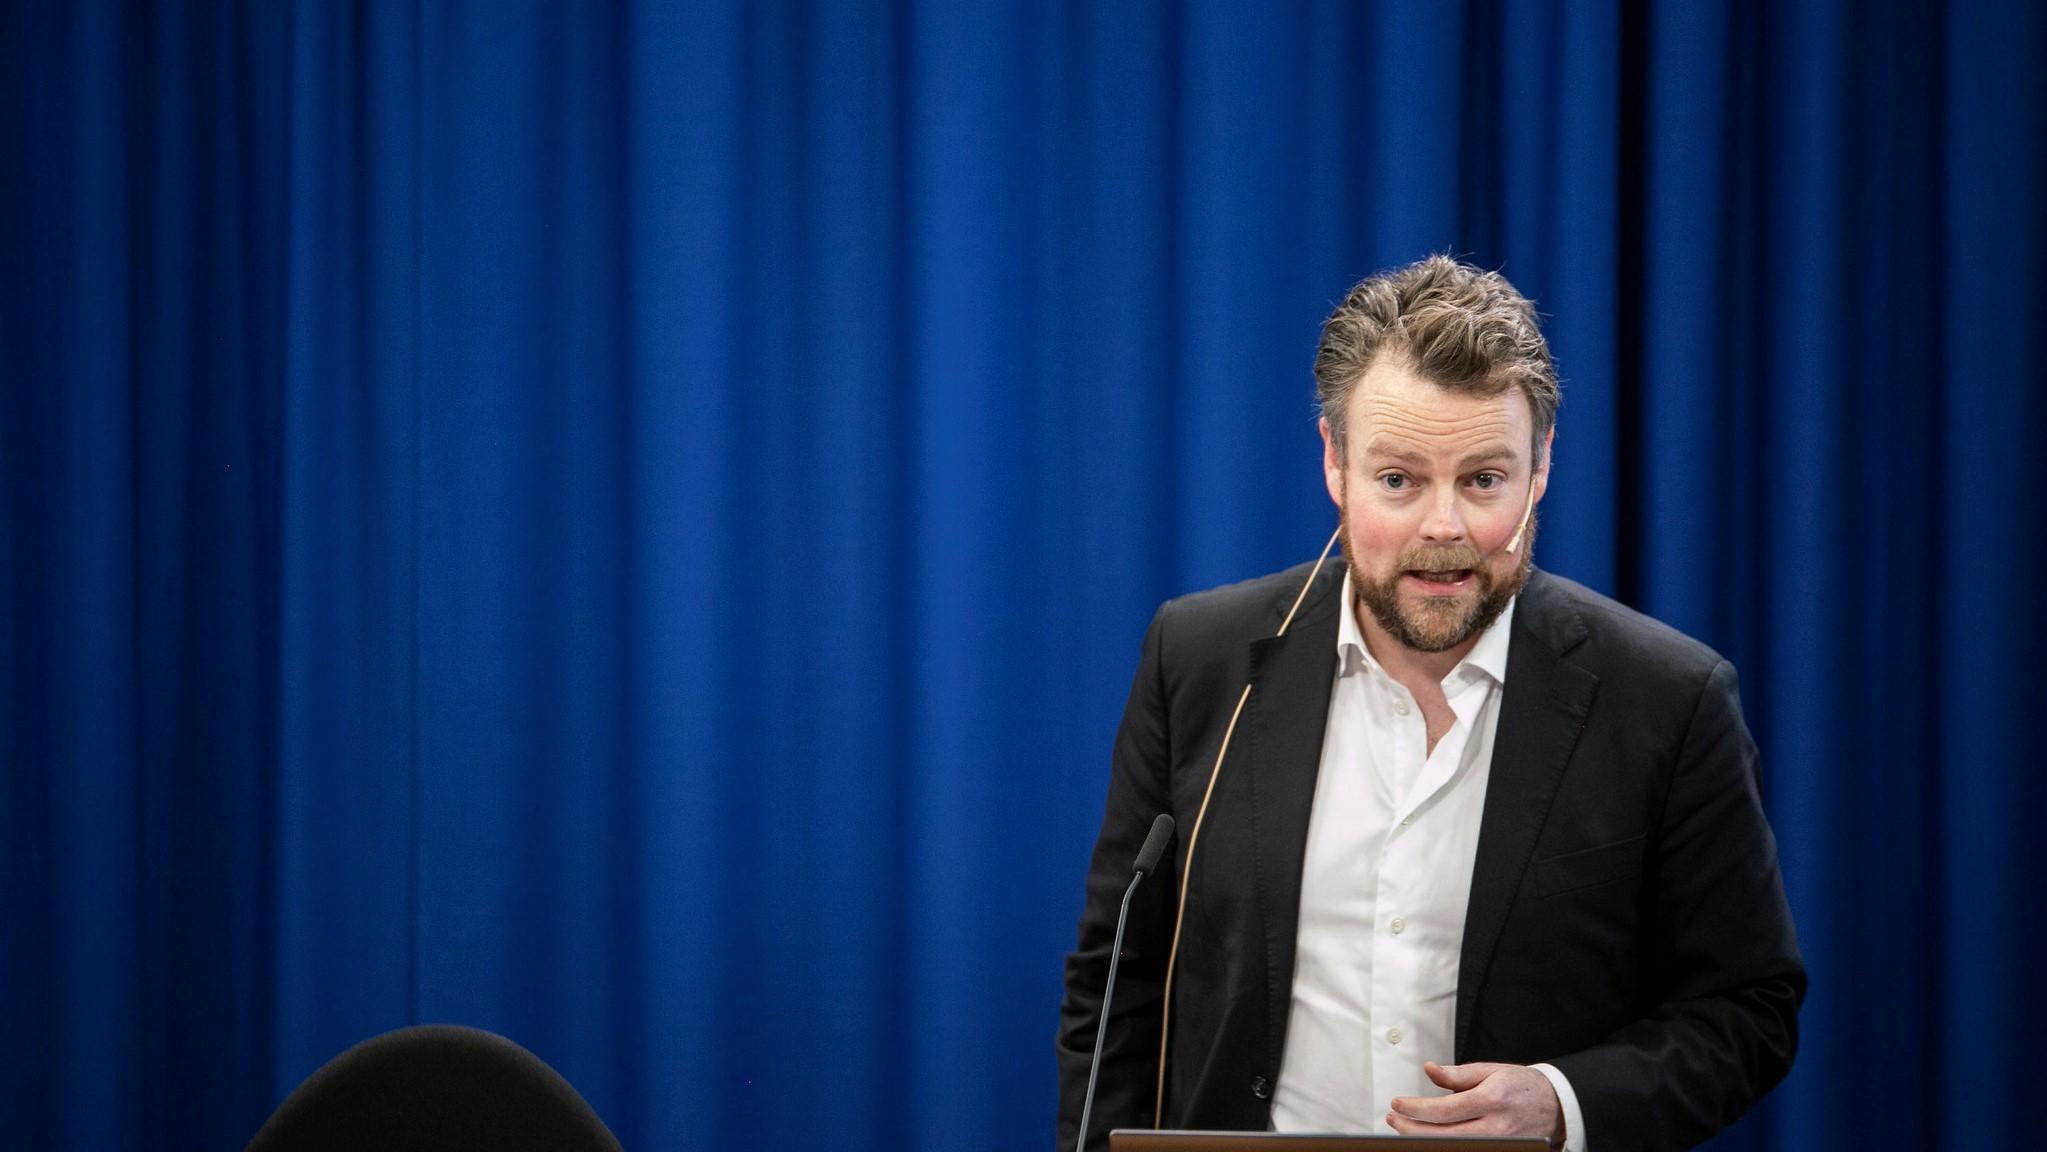 Torbjørn Røe Isaksen takes on tricky government post